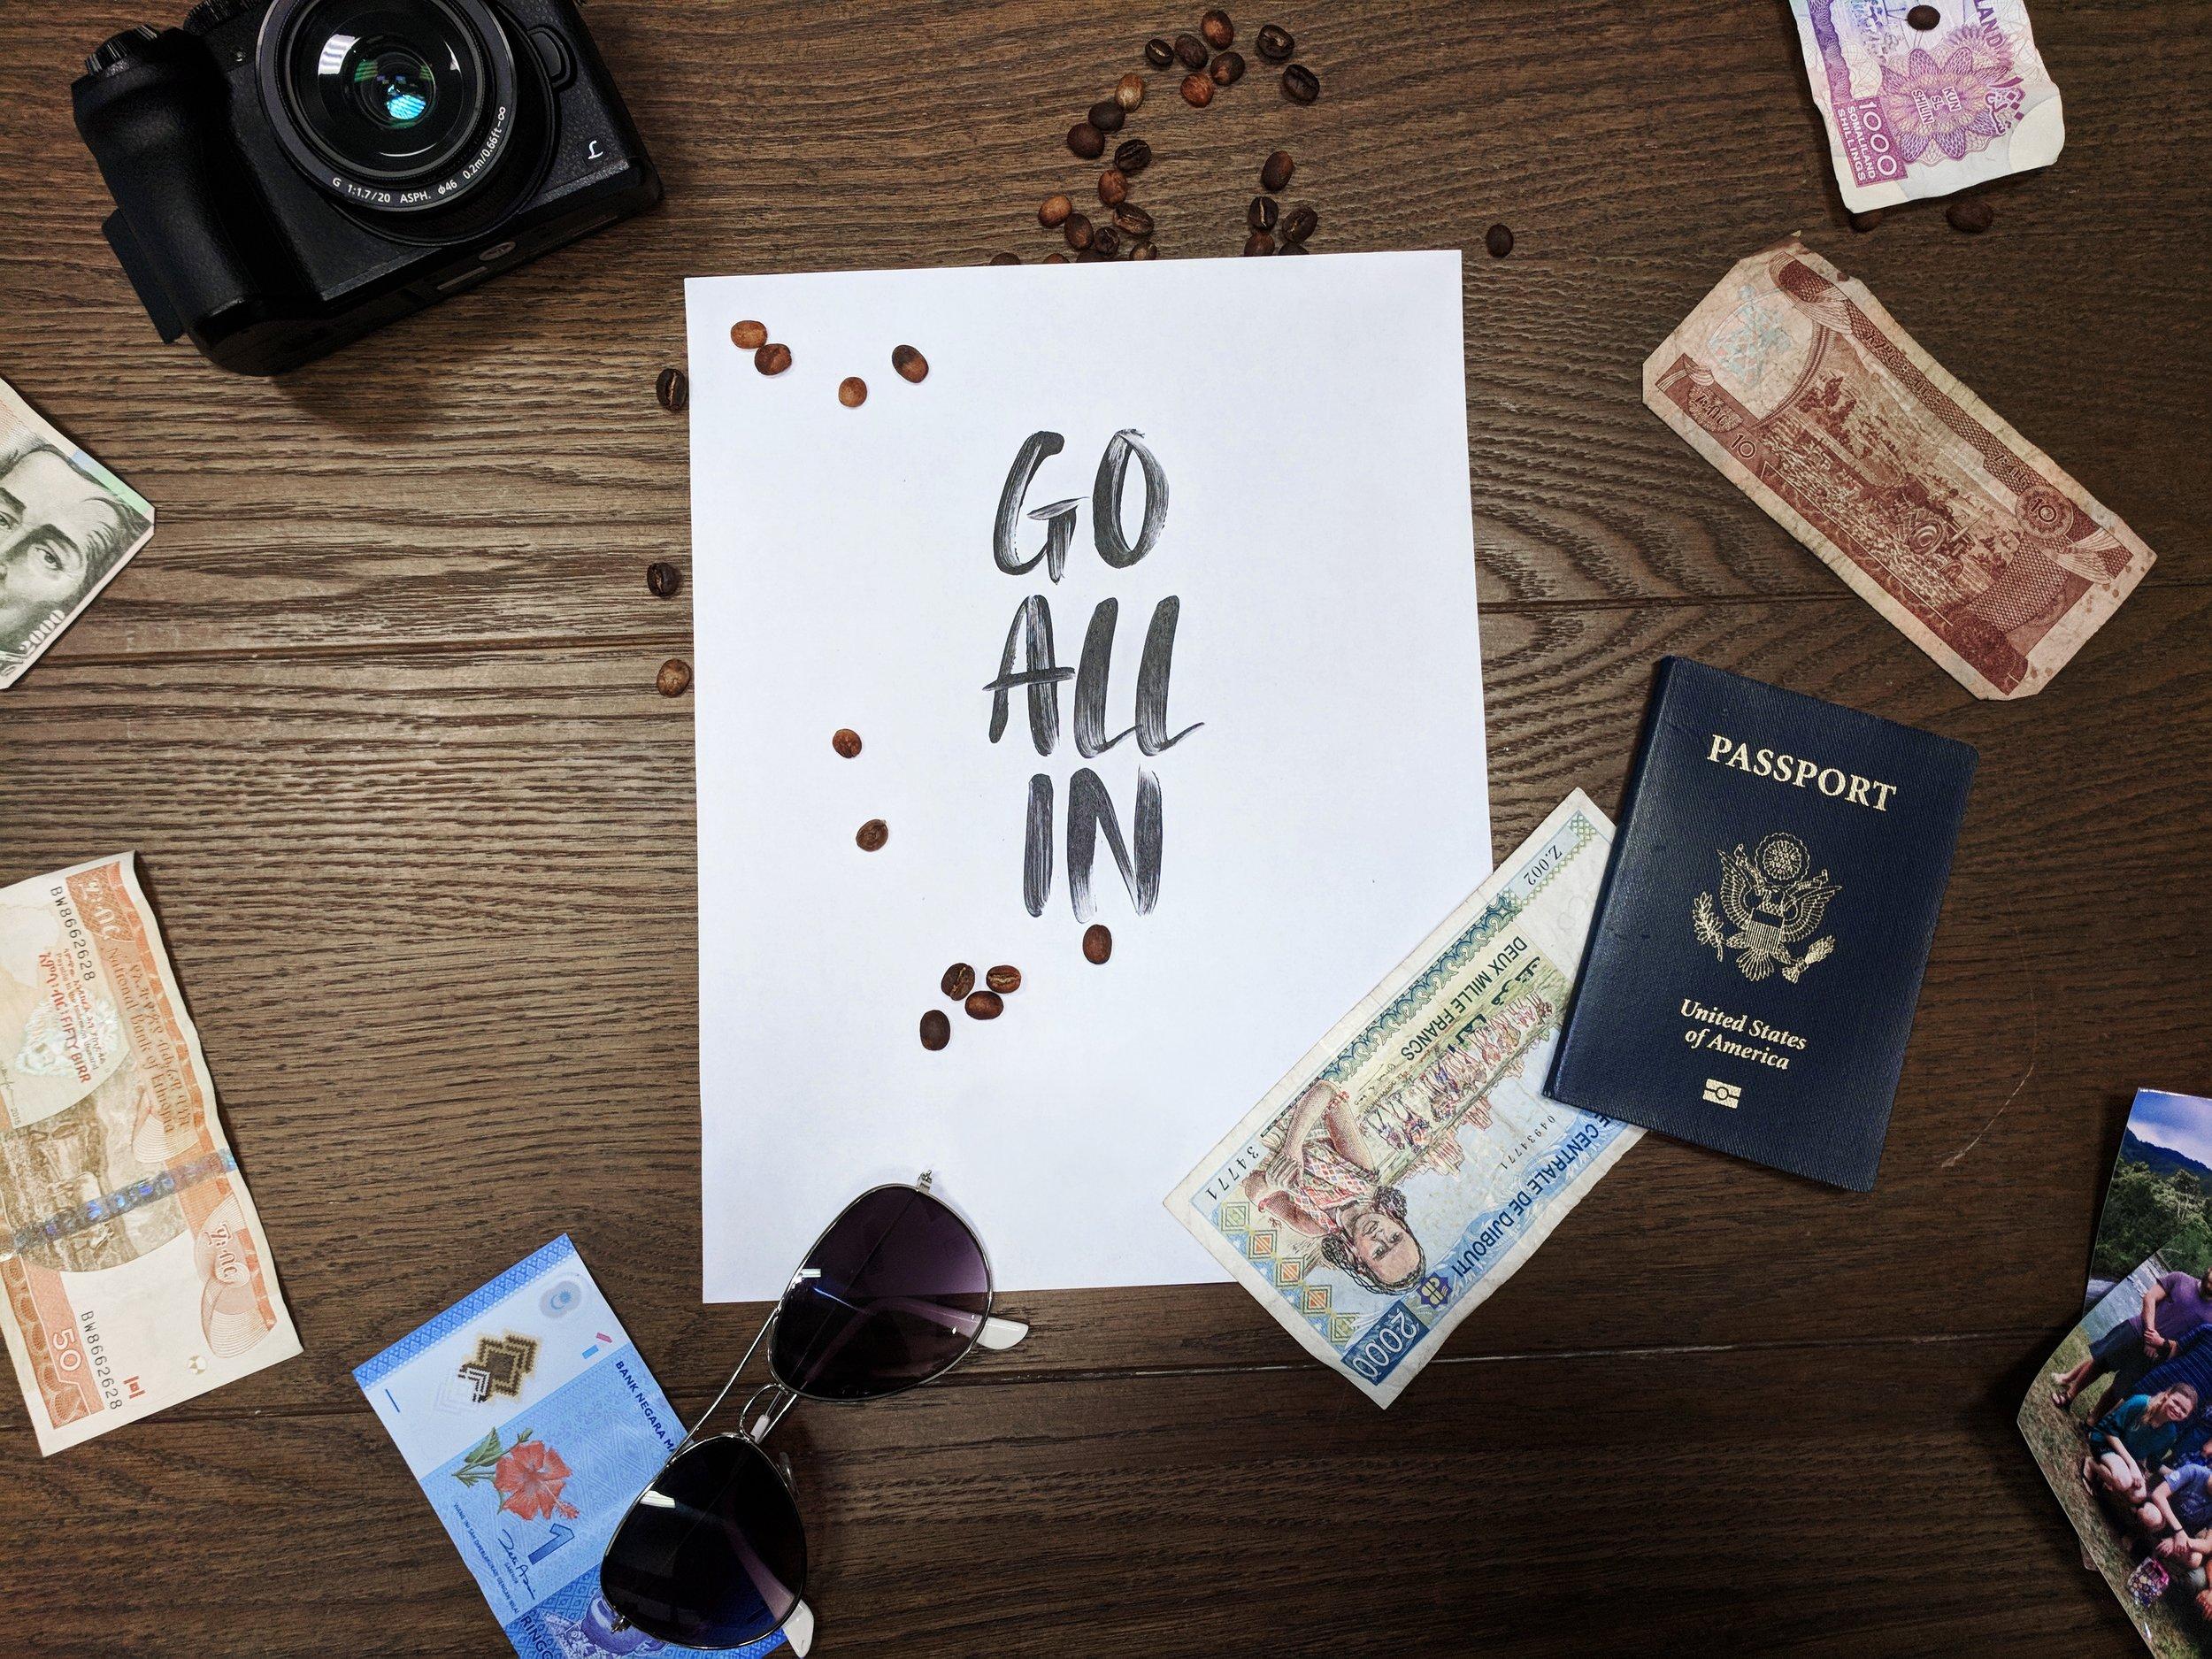 Nossas viagens e dicas! - Nada nos deixa mais feliz que compartilhar nossas experiências com vocês, afinal de contas cada viagem tem o seu propósito e gera uma experiência diferente.